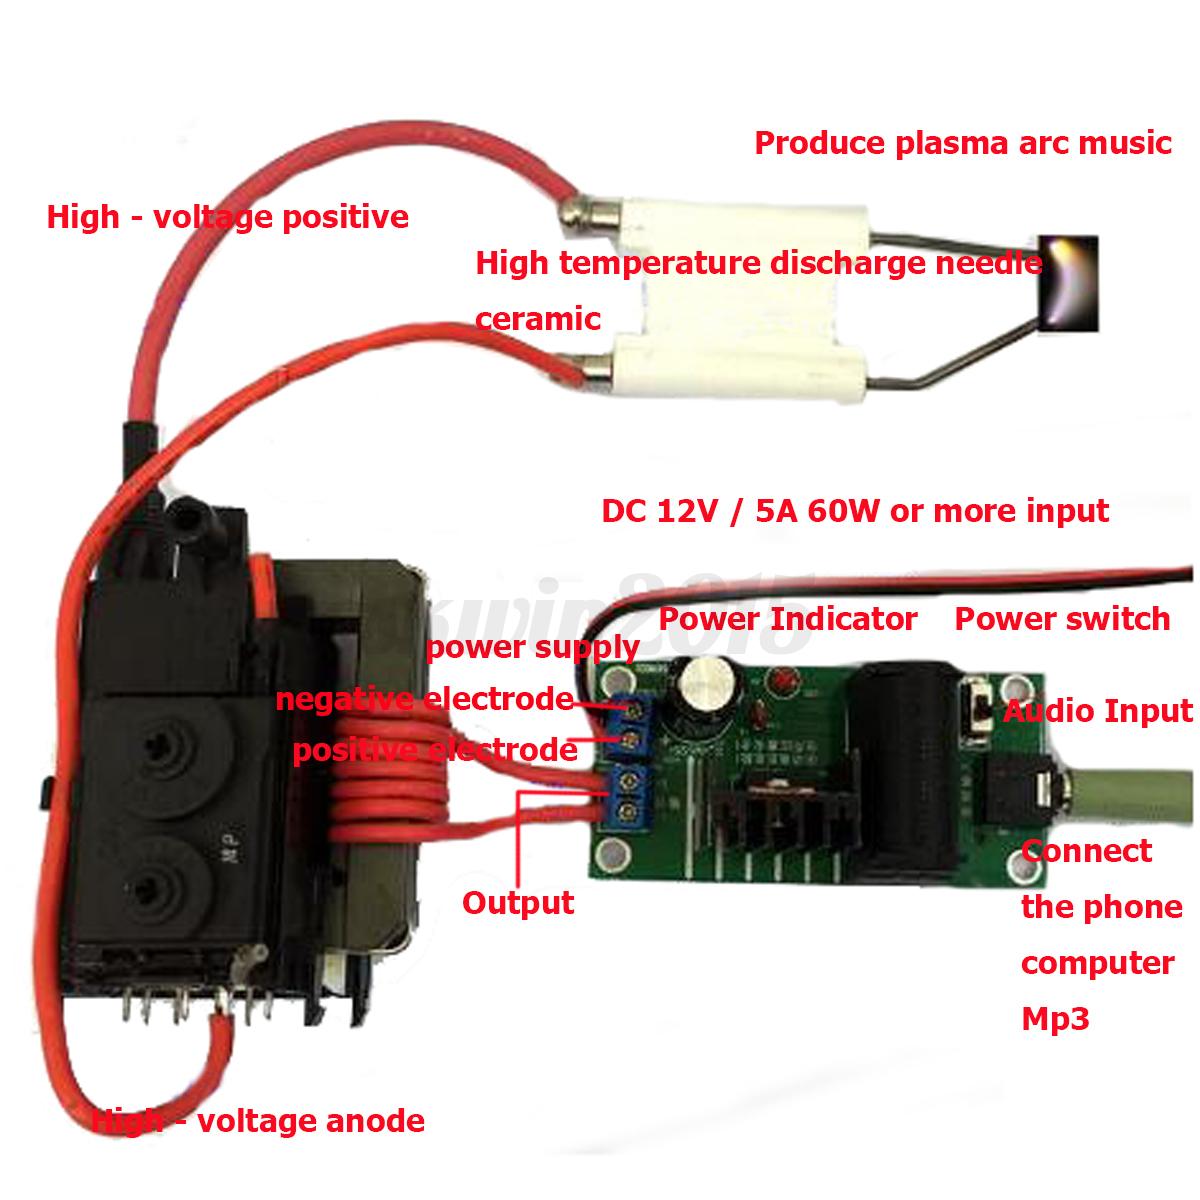 High Voltage Plasma : Kv hochspannung generator plasma musik lautsprecher zvs